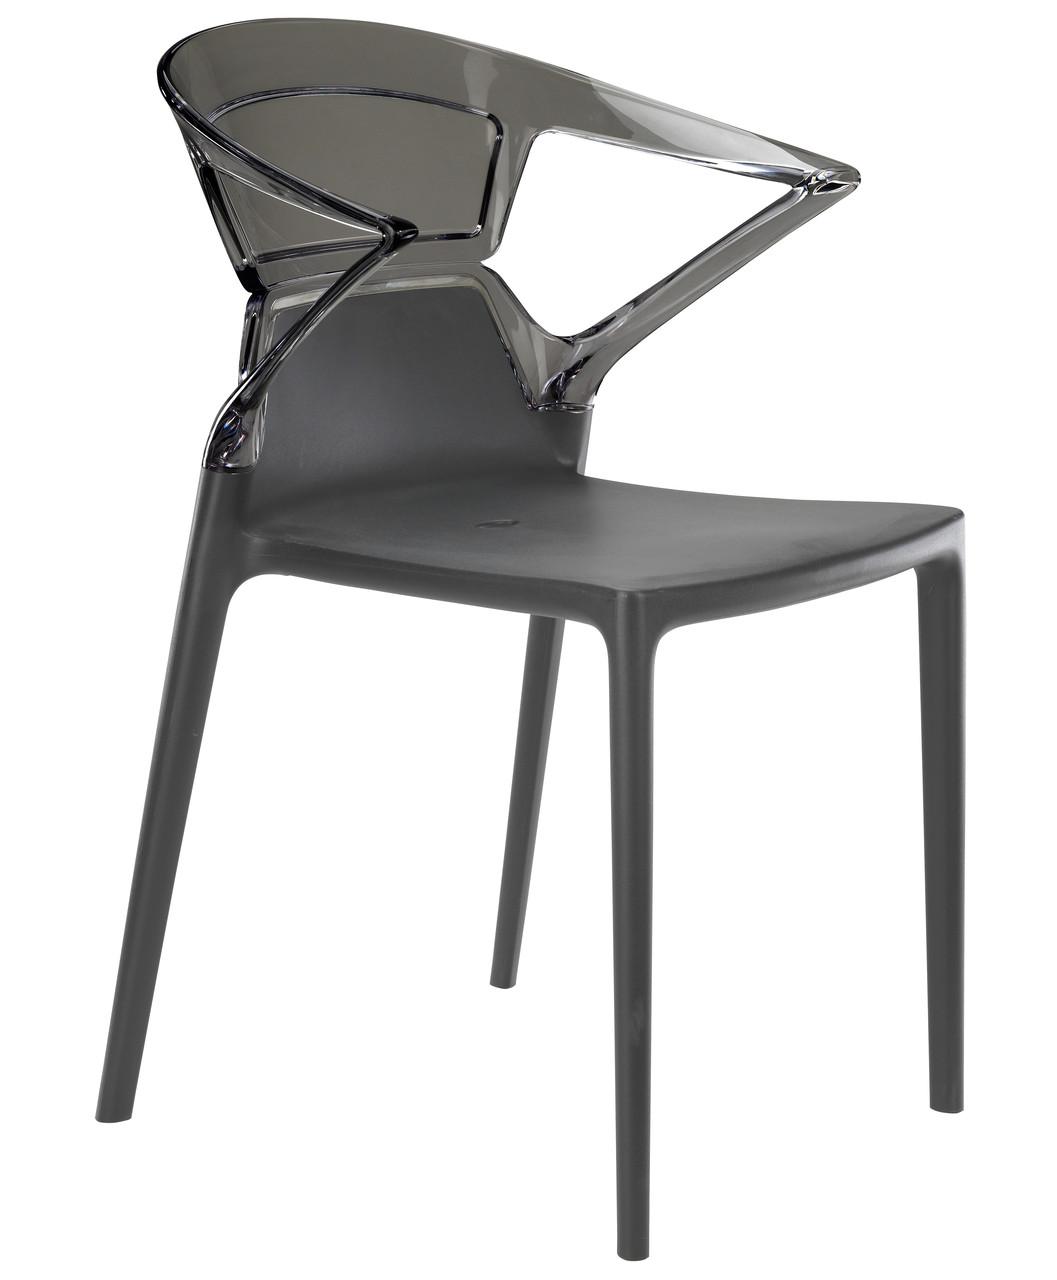 Кресло Ego-K сиденье Антрацит верх Прозрачно-дымчатый (Papatya-TM)